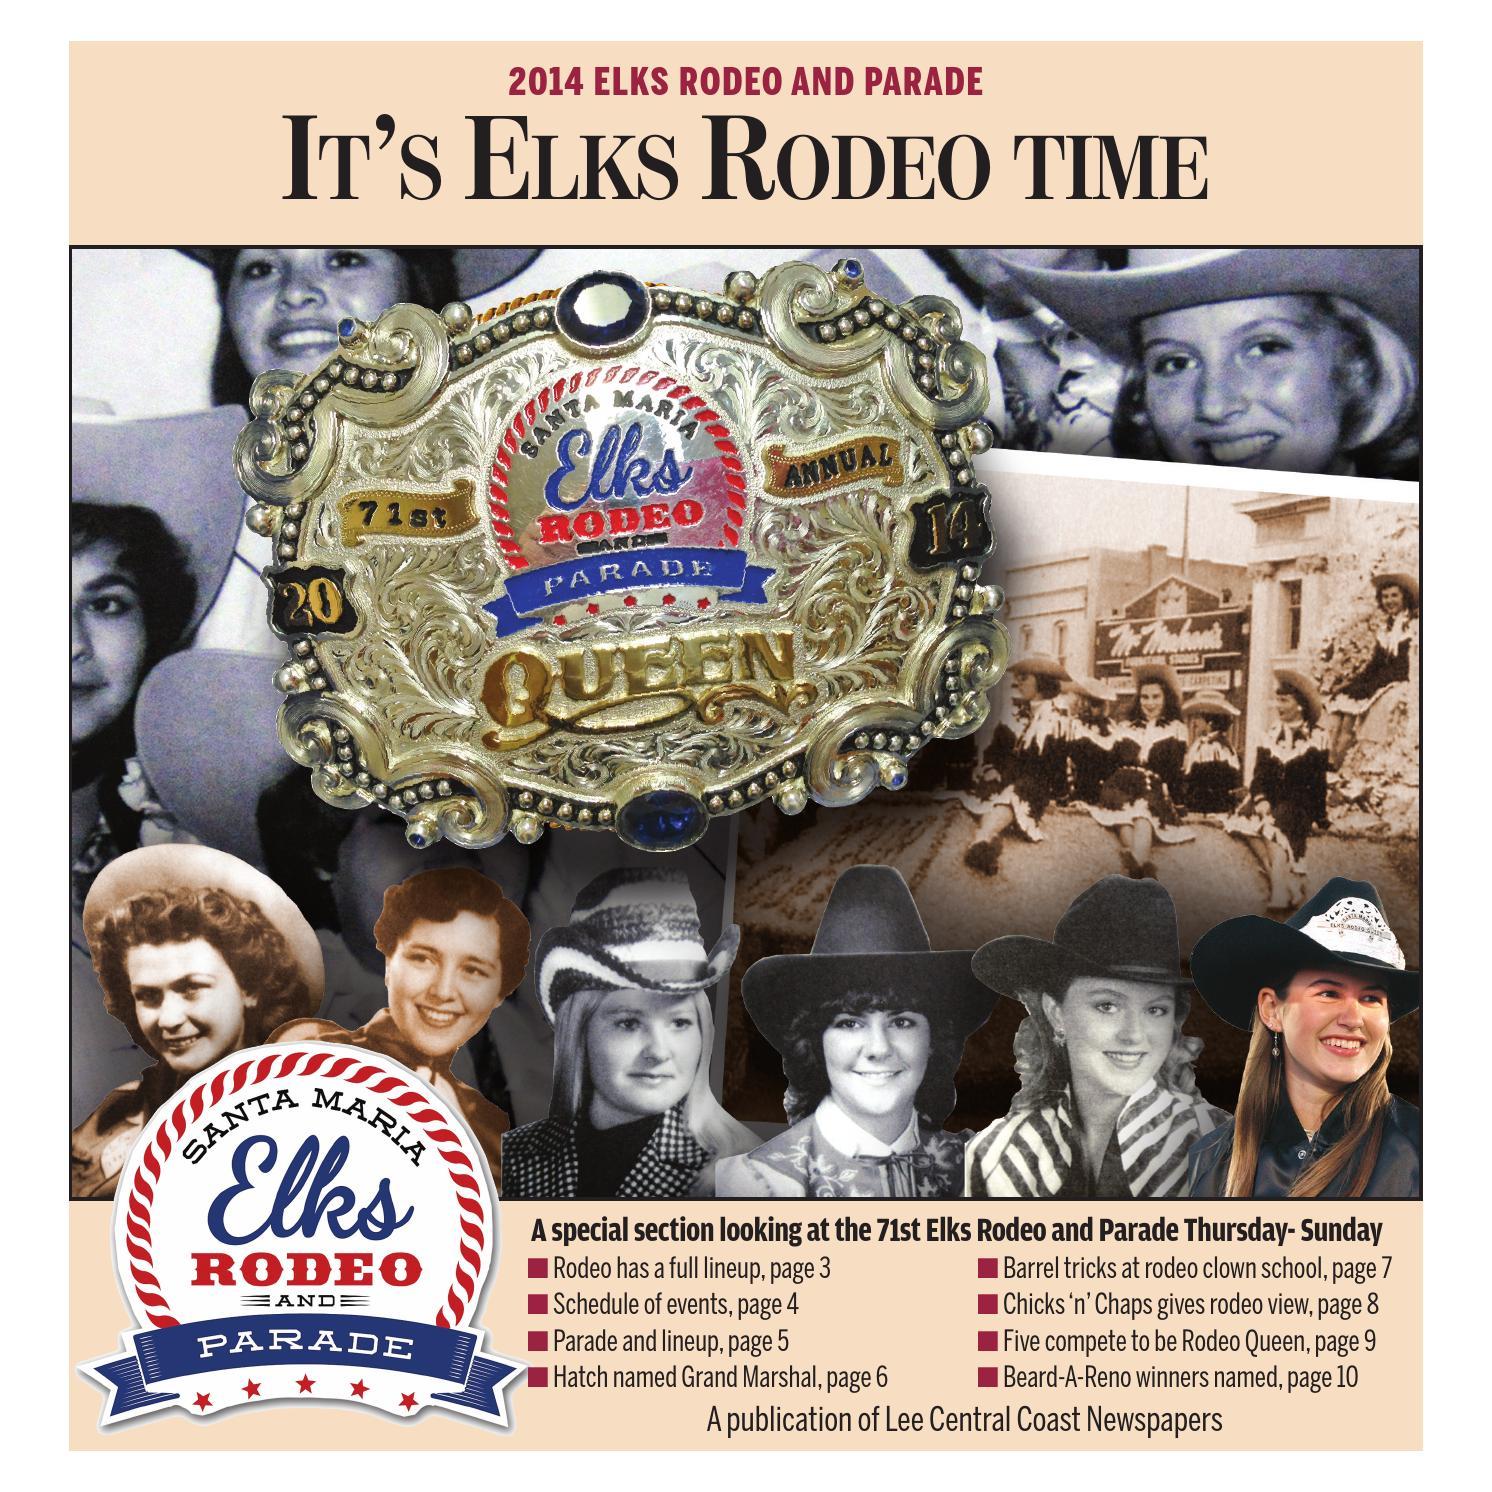 Santa Maria Elks Rodeo 2014 By Lee Central Coast